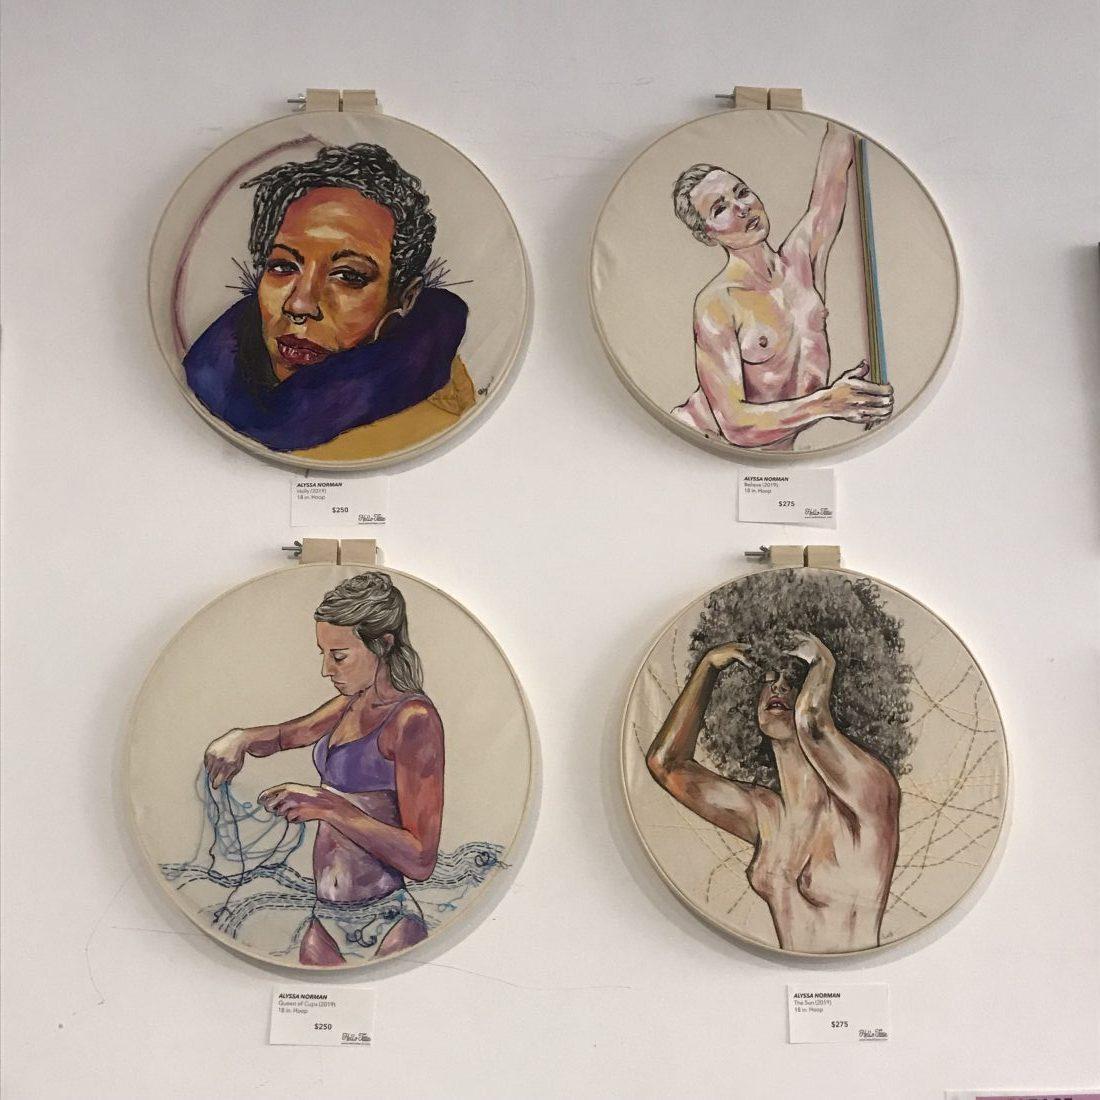 HelloTittie's Creative Chicks Art Event Uplifts Women Making Art